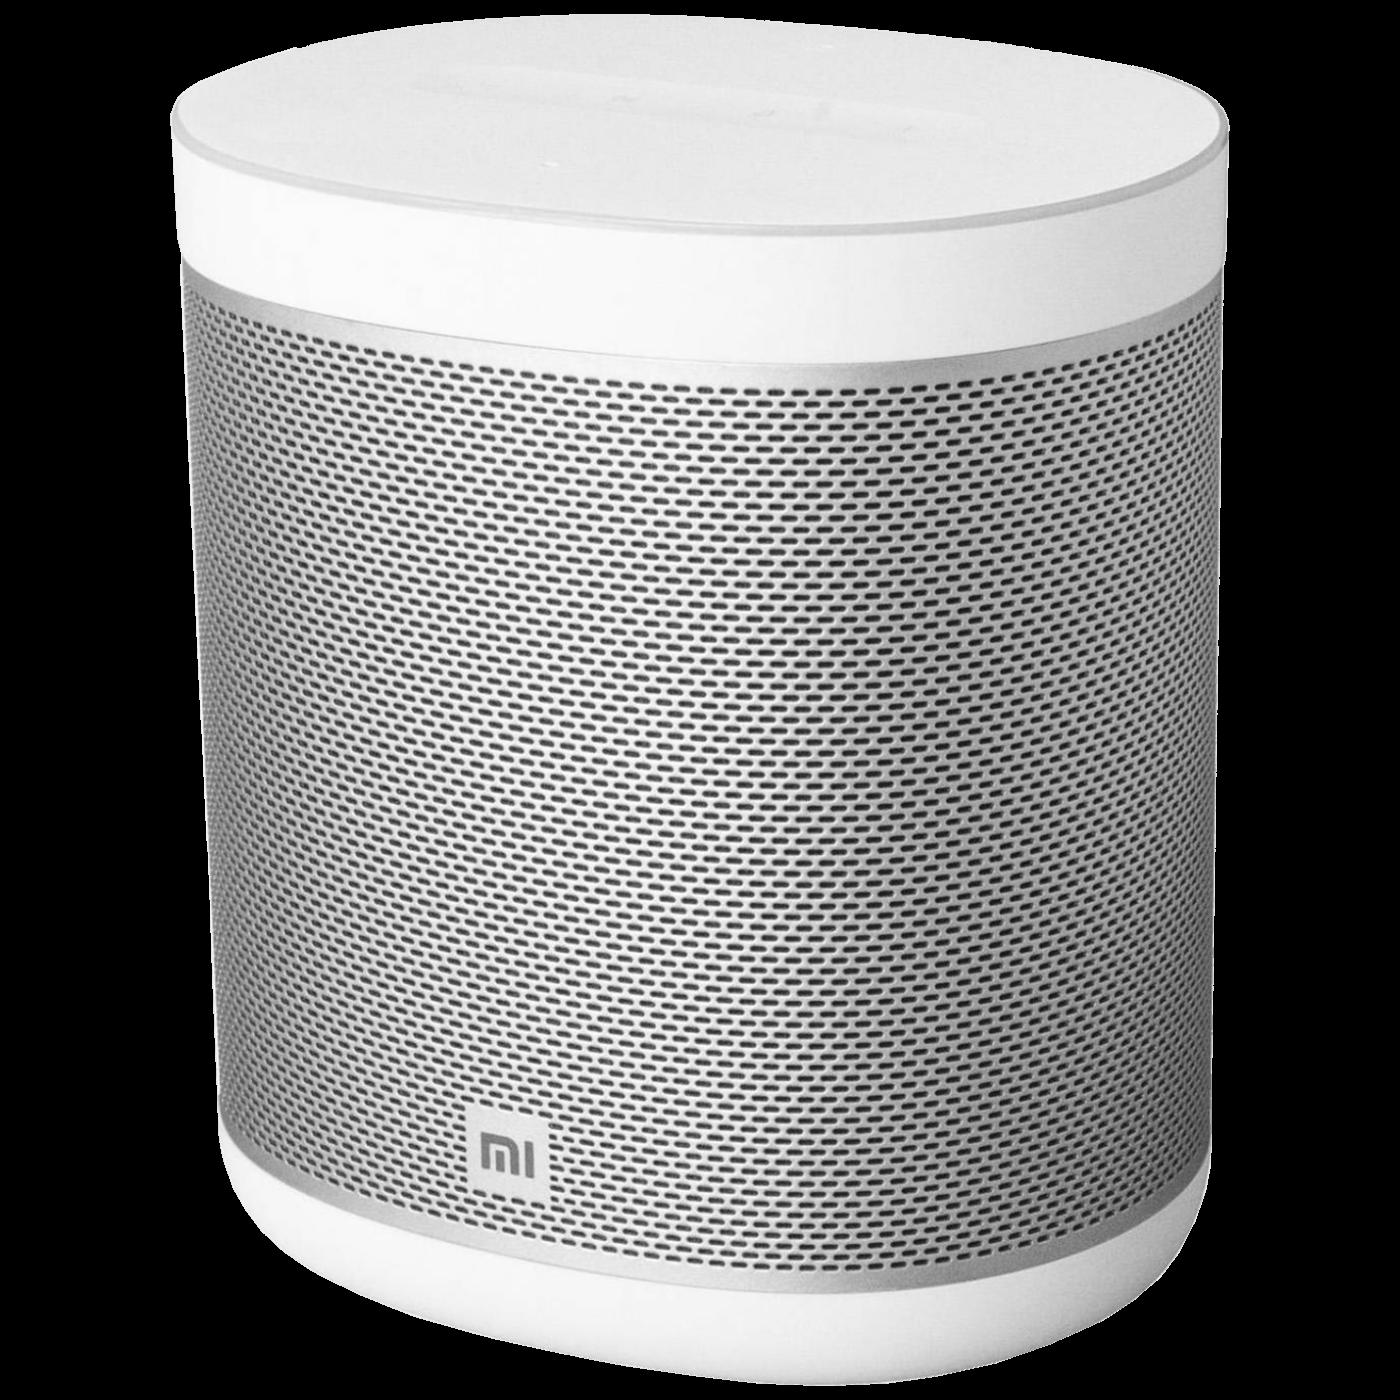 Pametni zvučnik, 12 W, WIFi, Dual Band, Bluetooth